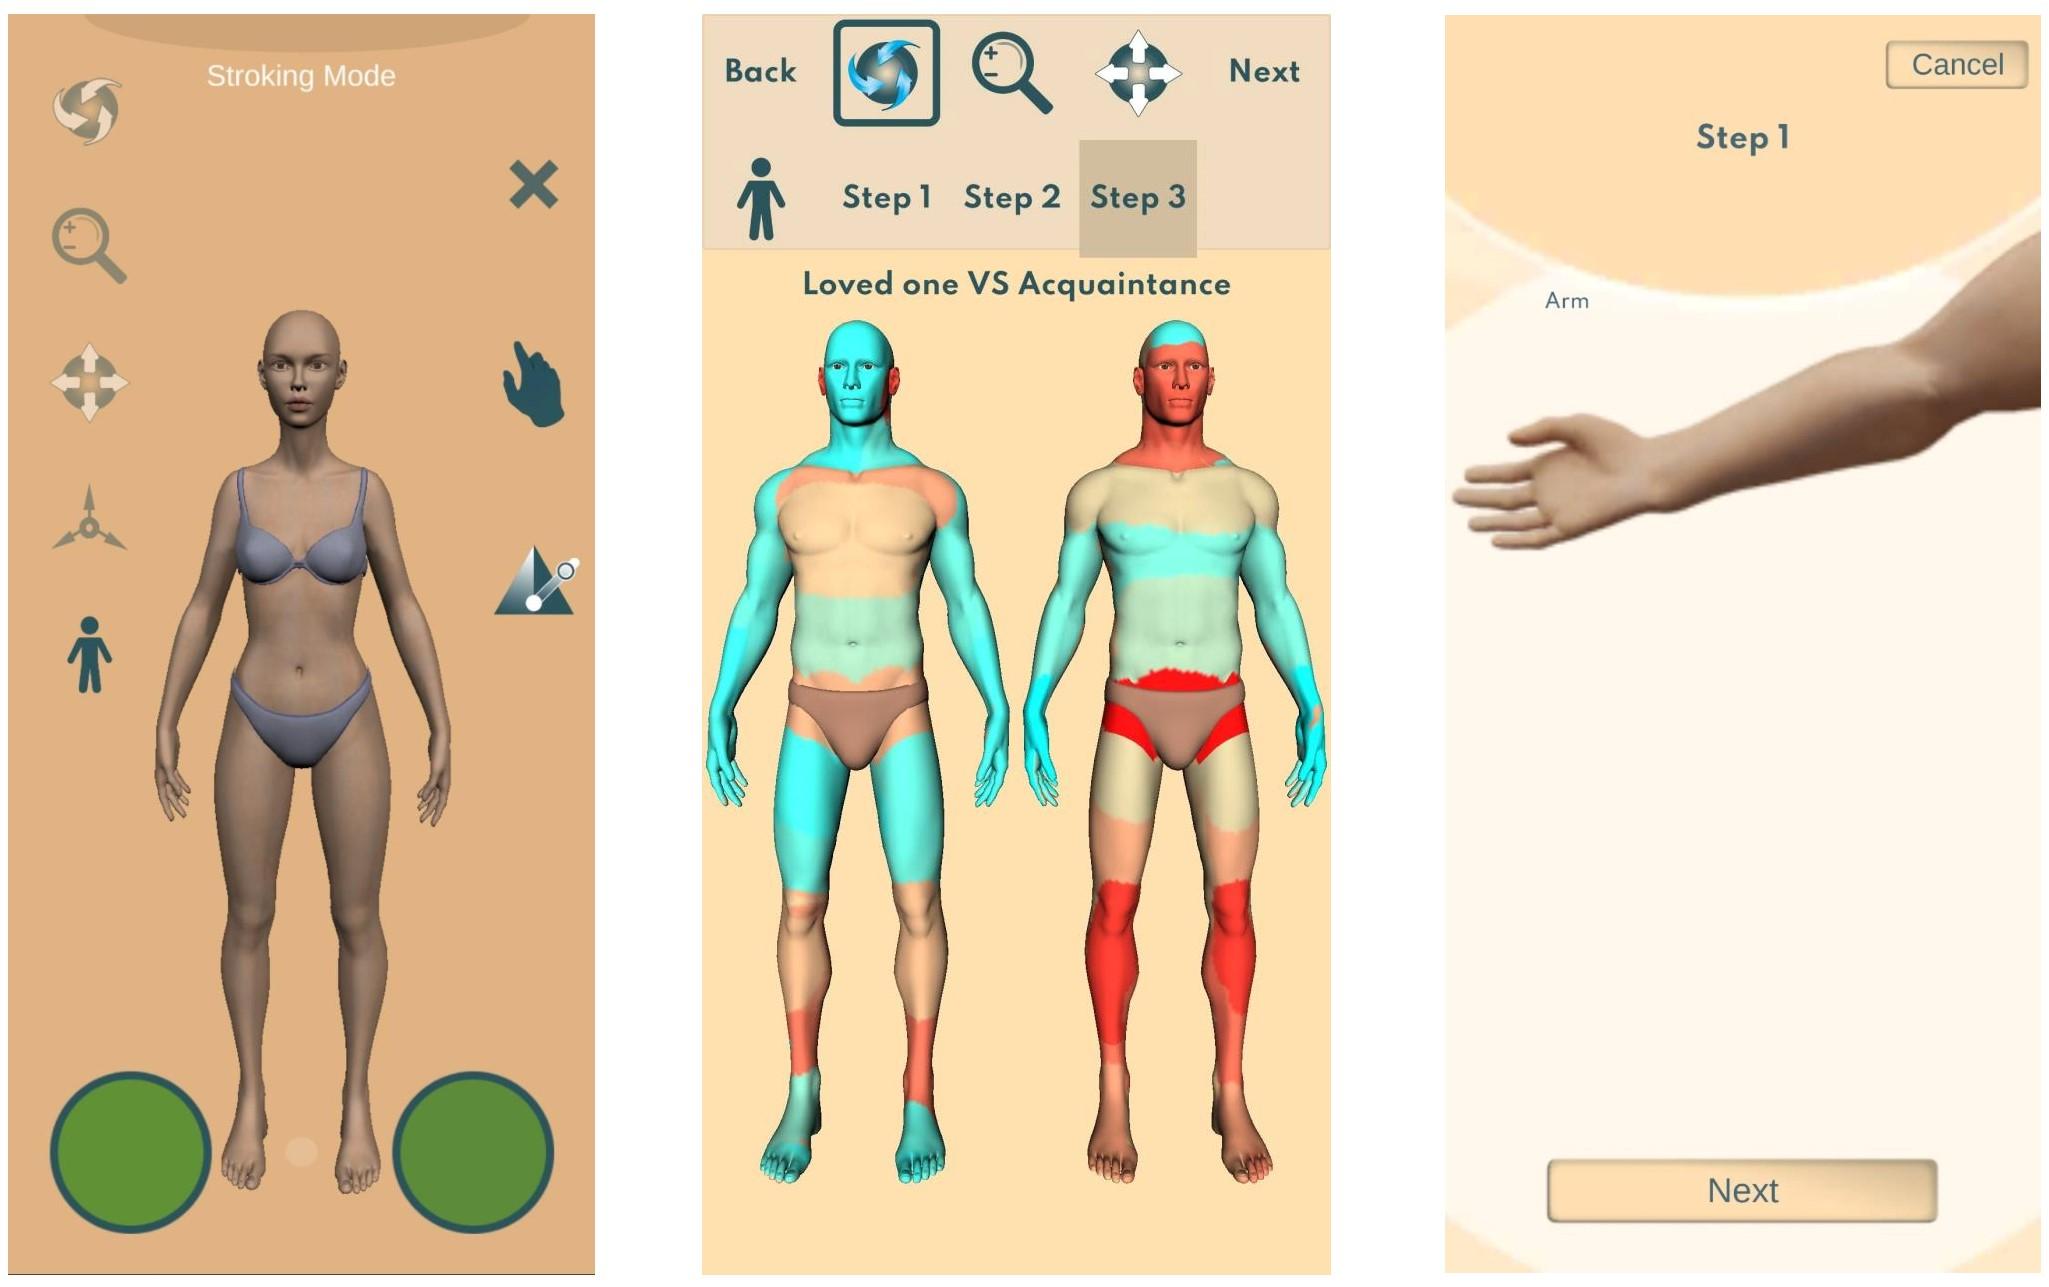 Images-_body_.jpg